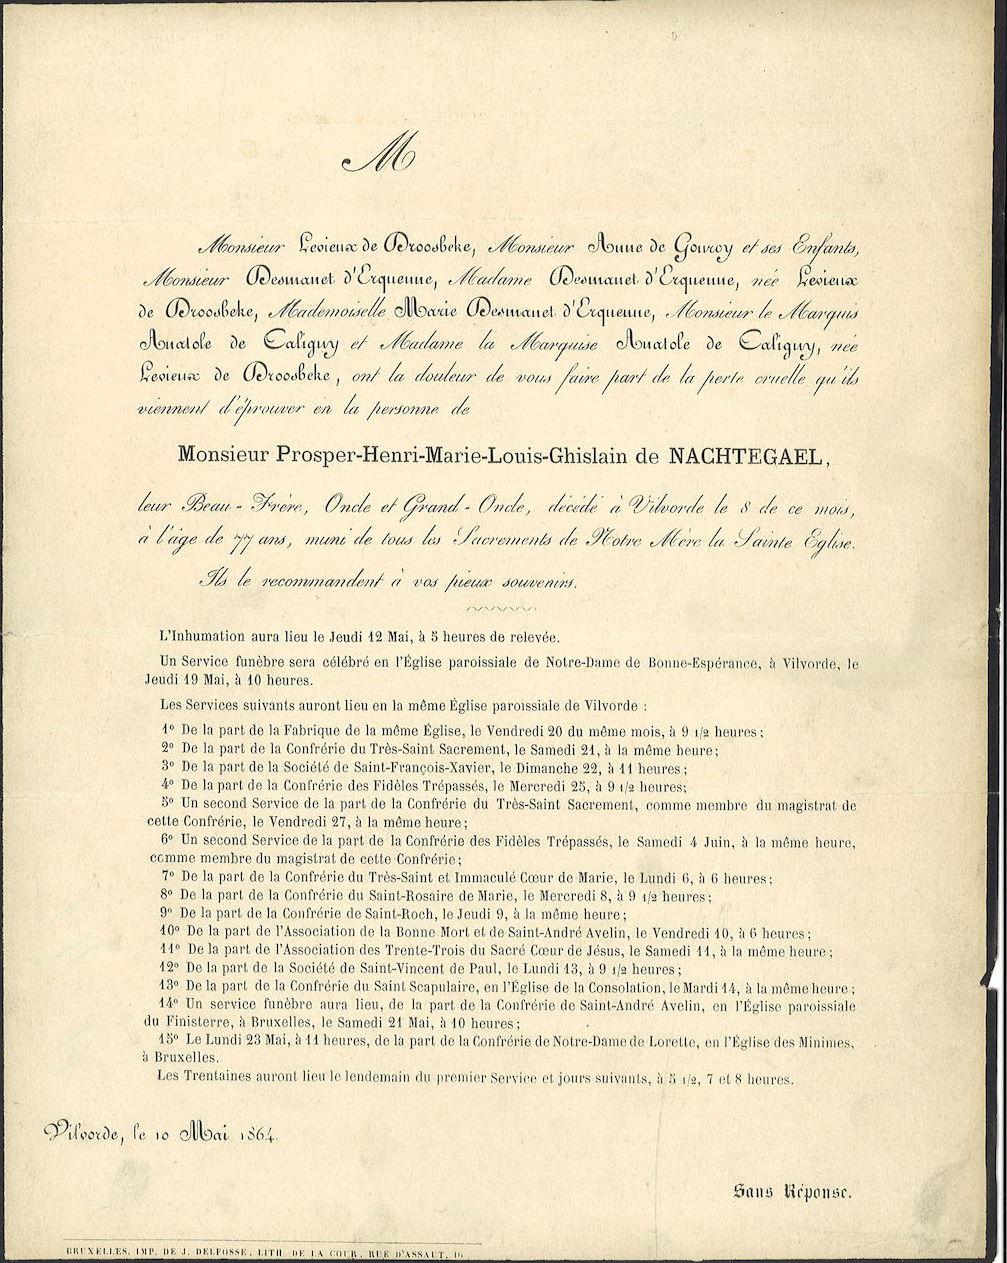 Prosper-Henri-Marie-Louis-Ghislain de Nachtegael